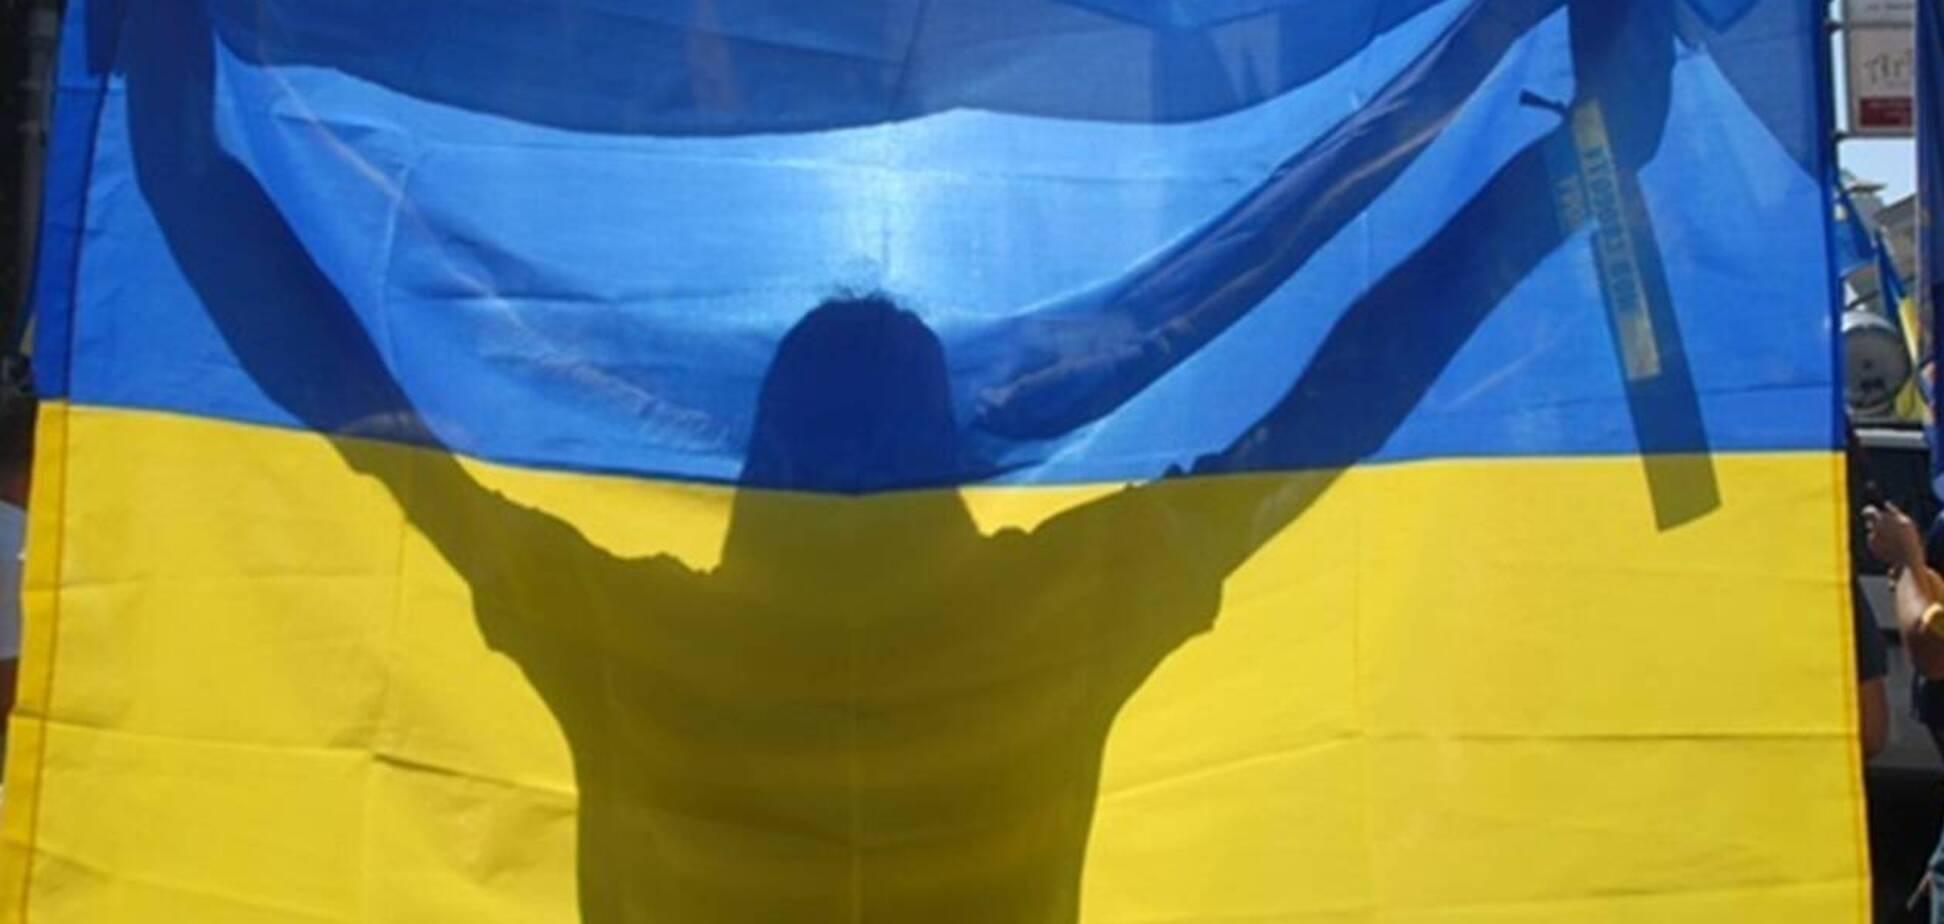 Кремль подстрекает языковые дискуссии в Украине, а власть подыгрывает, – эксперт